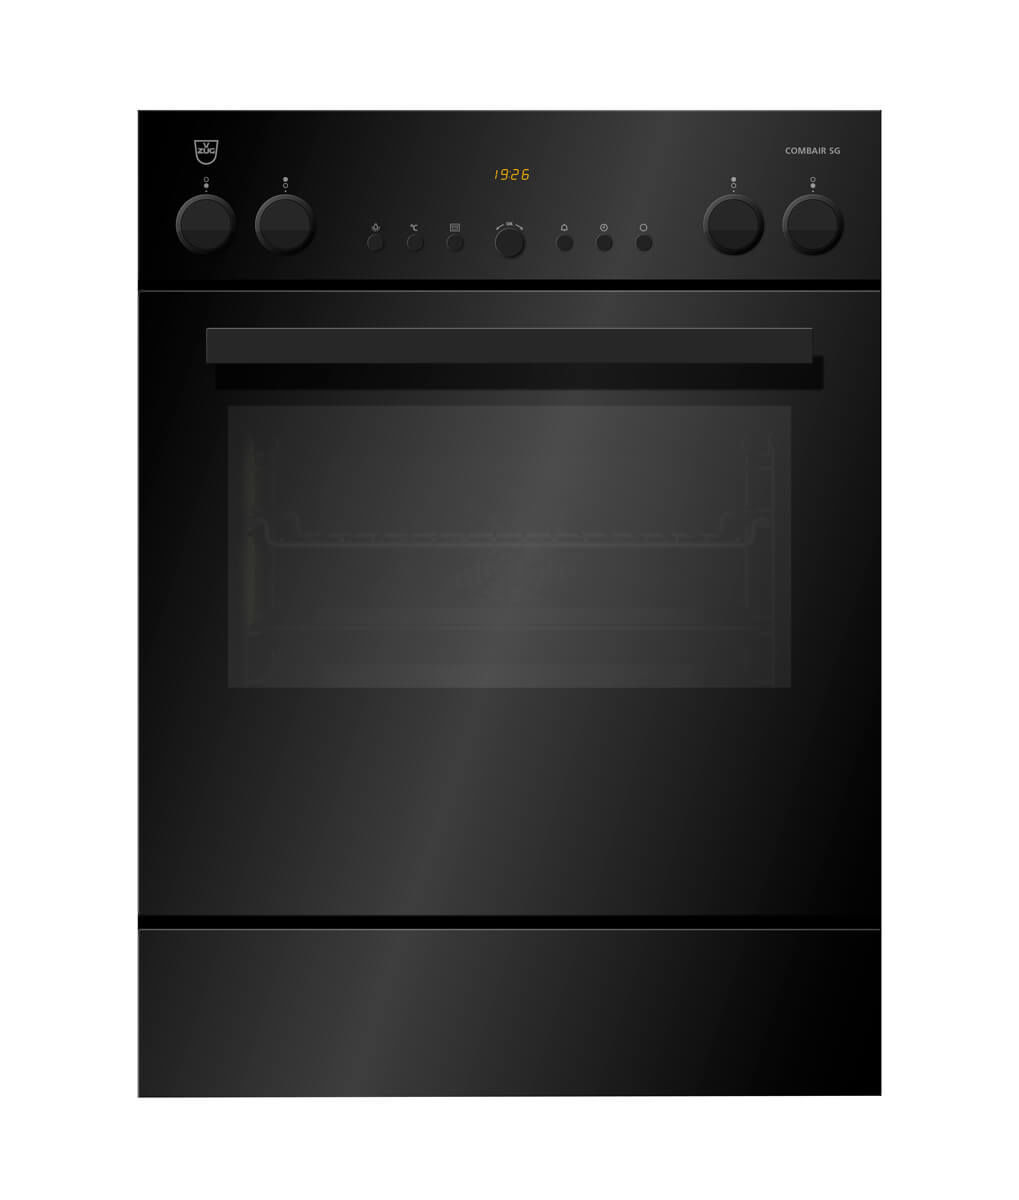 Cucina da incasso norma CH 55cm | Forni e cucine | Cottura in forno ...